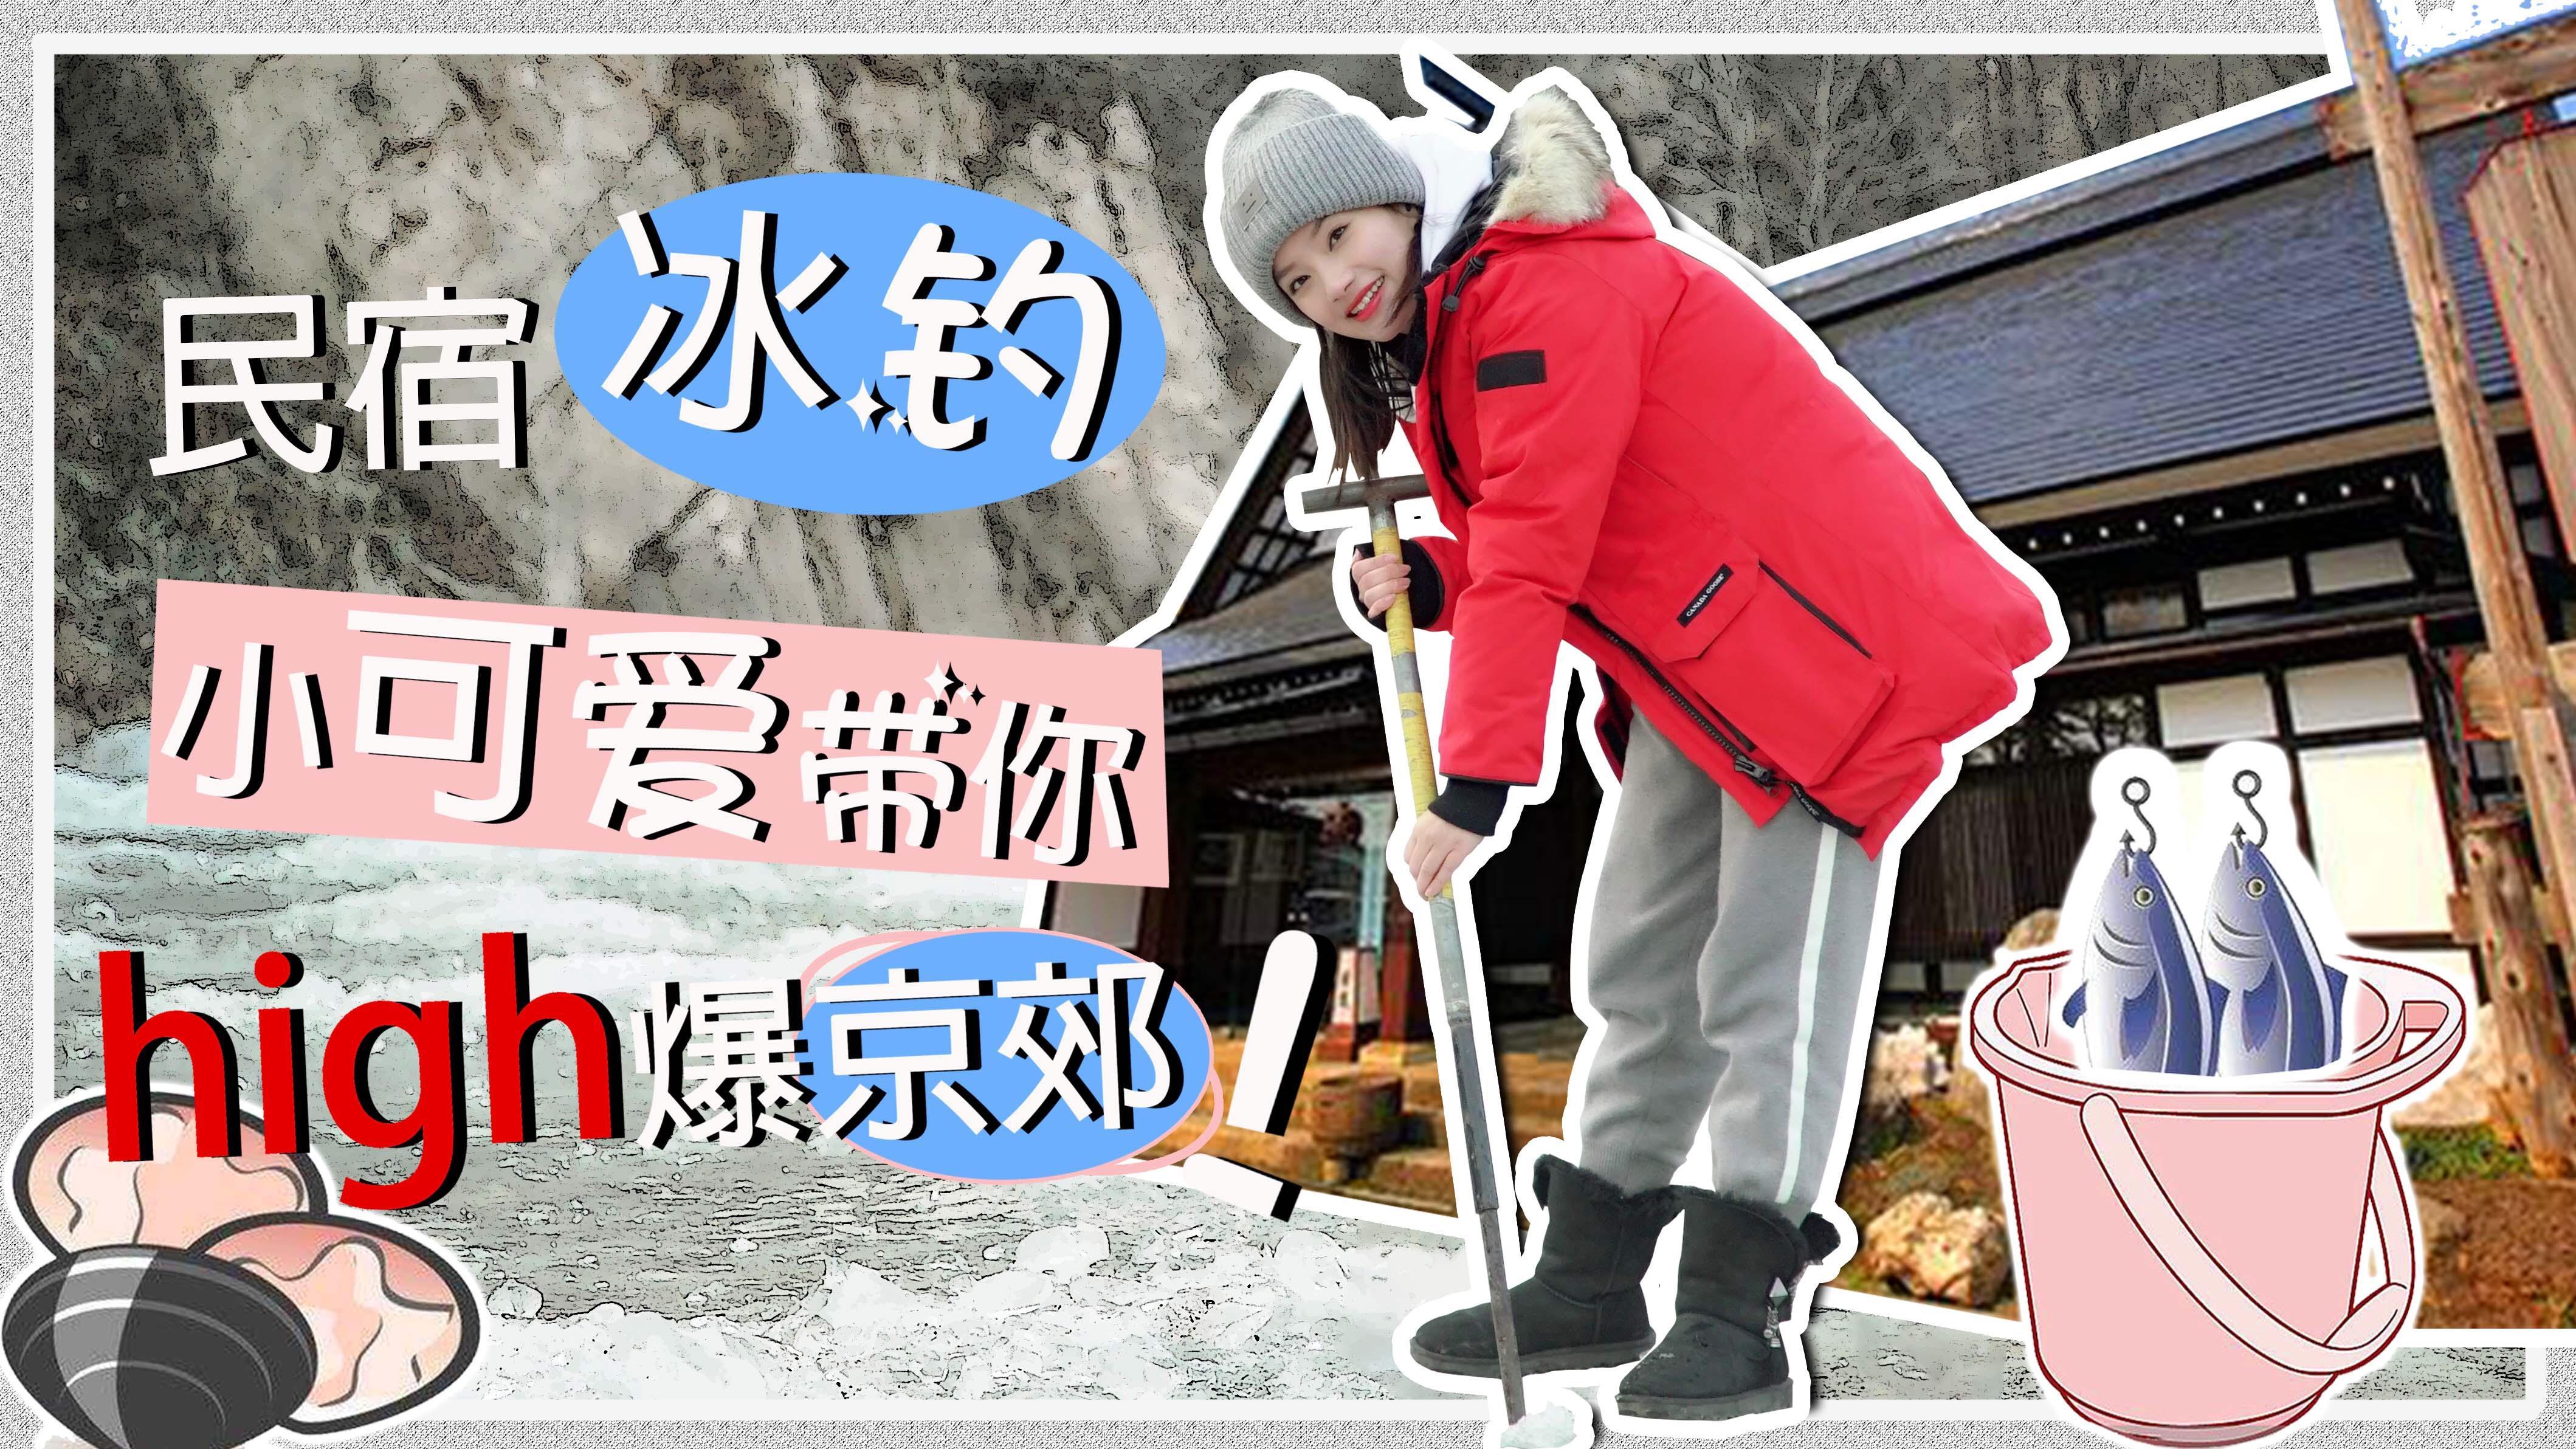 民宿+冰钓 小可爱带你high爆京郊